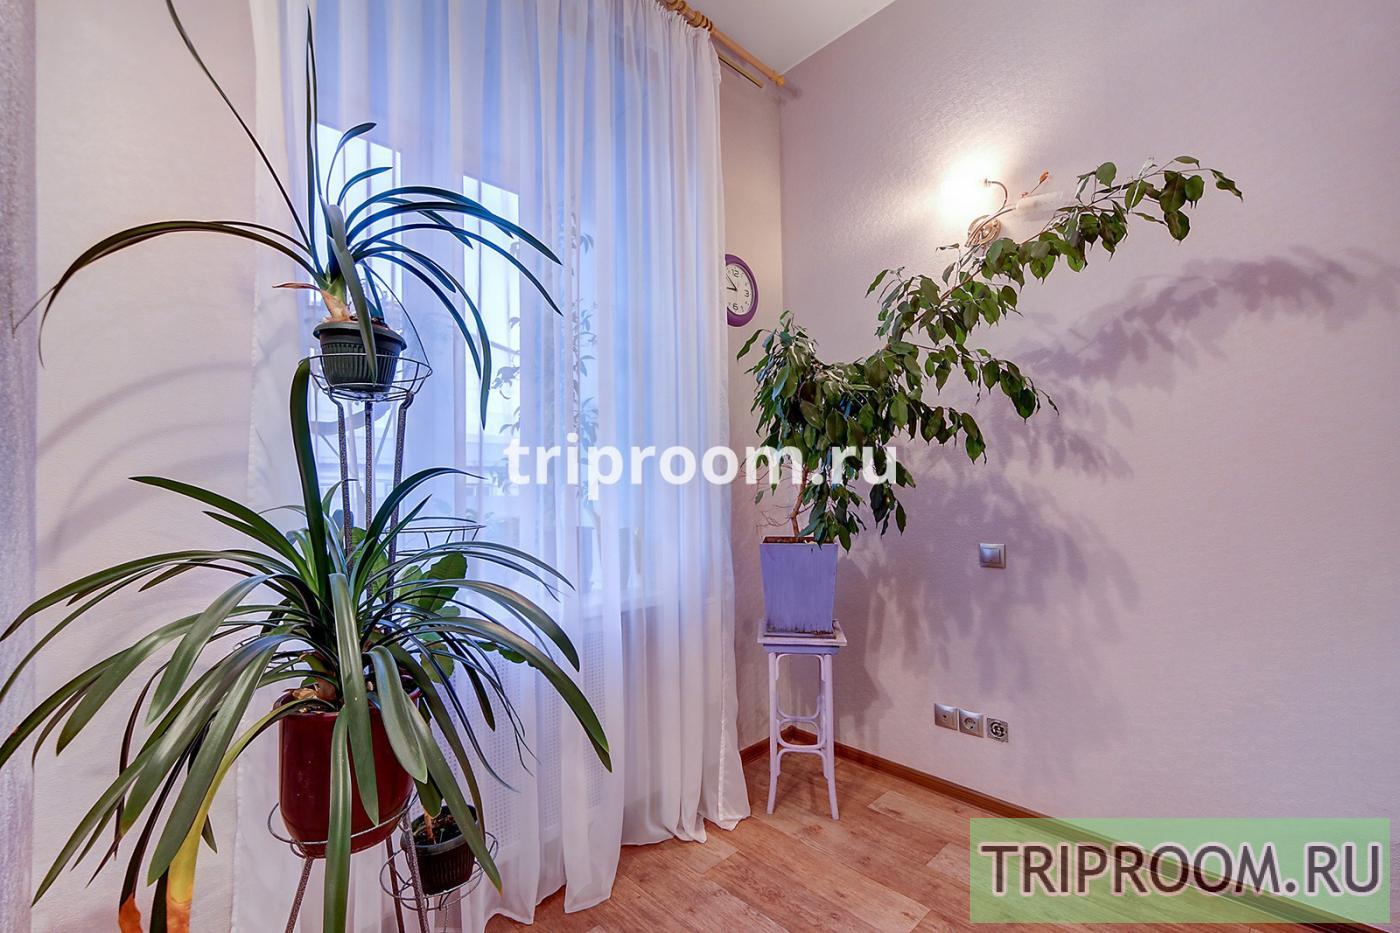 2-комнатная квартира посуточно (вариант № 15459), ул. Адмиралтейская набережная, фото № 11